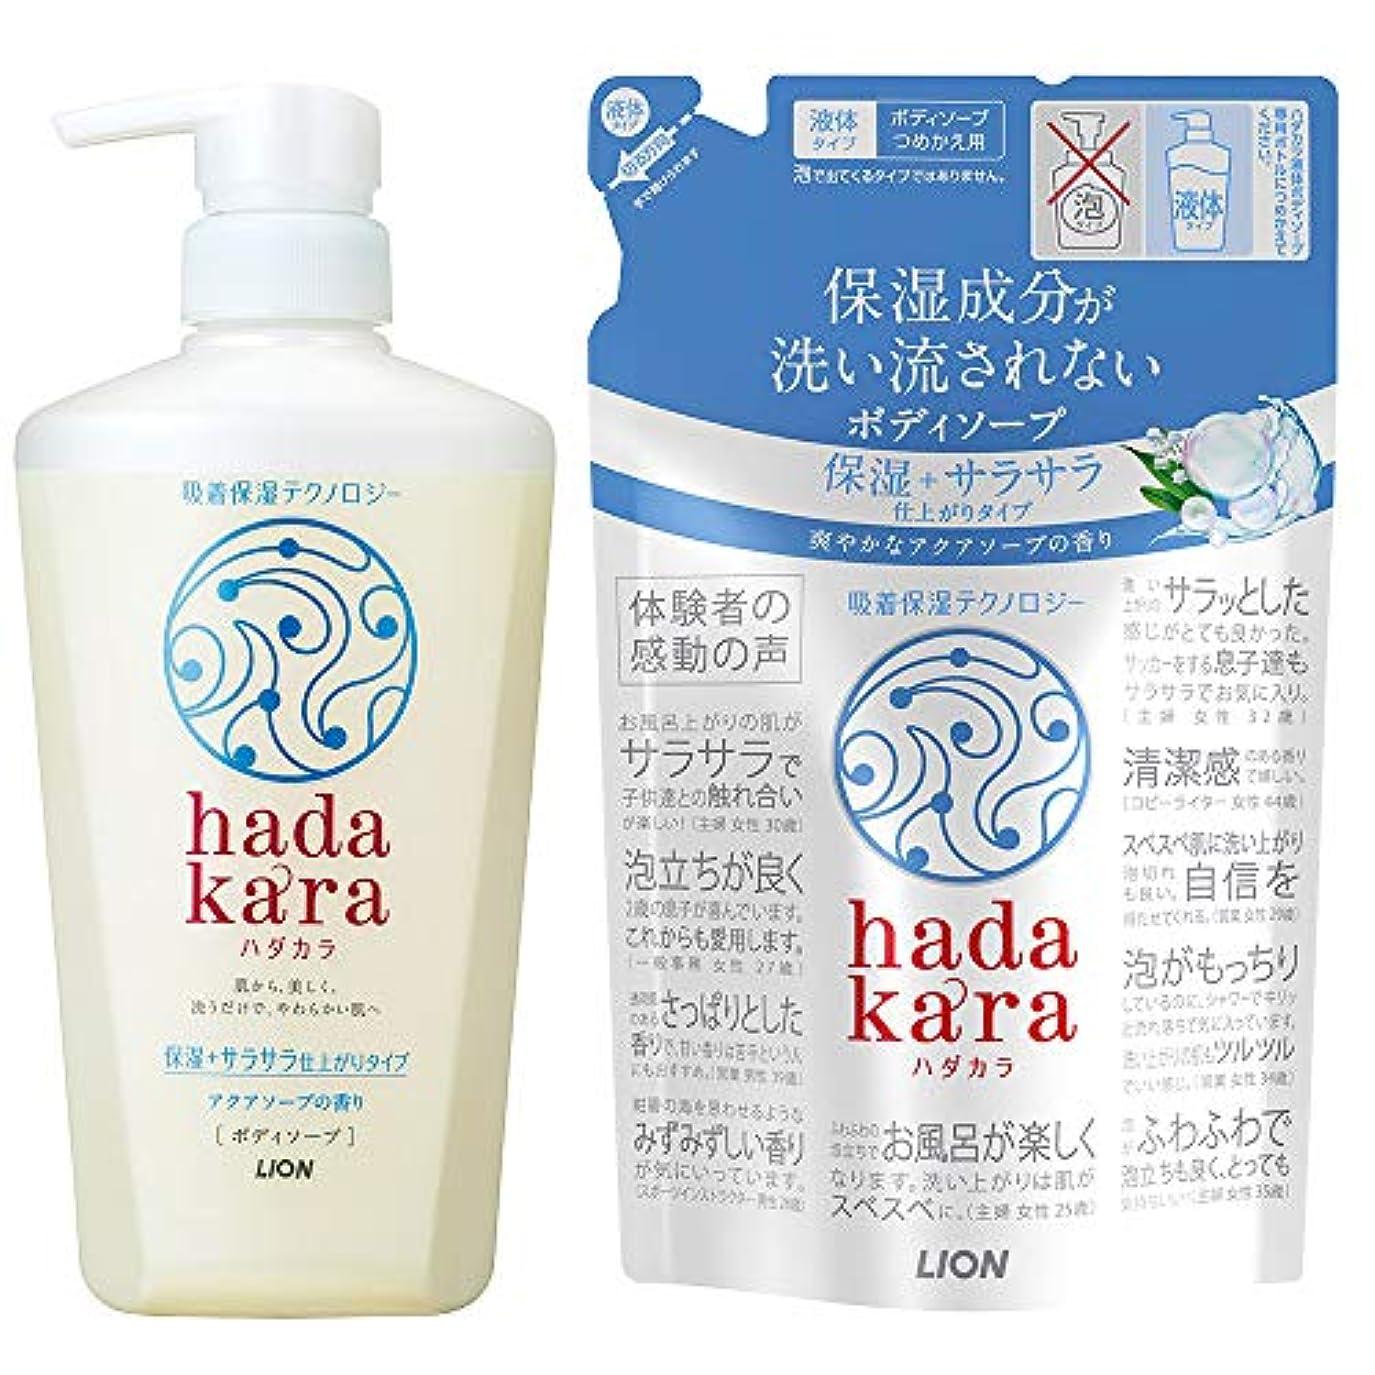 ラフ睡眠やさしいテクニカルhadakara(ハダカラ)ボディソープ 保湿+サラサラ仕上がりタイプ アクアソープの香り 本体 480ml + つめかえ 340ml